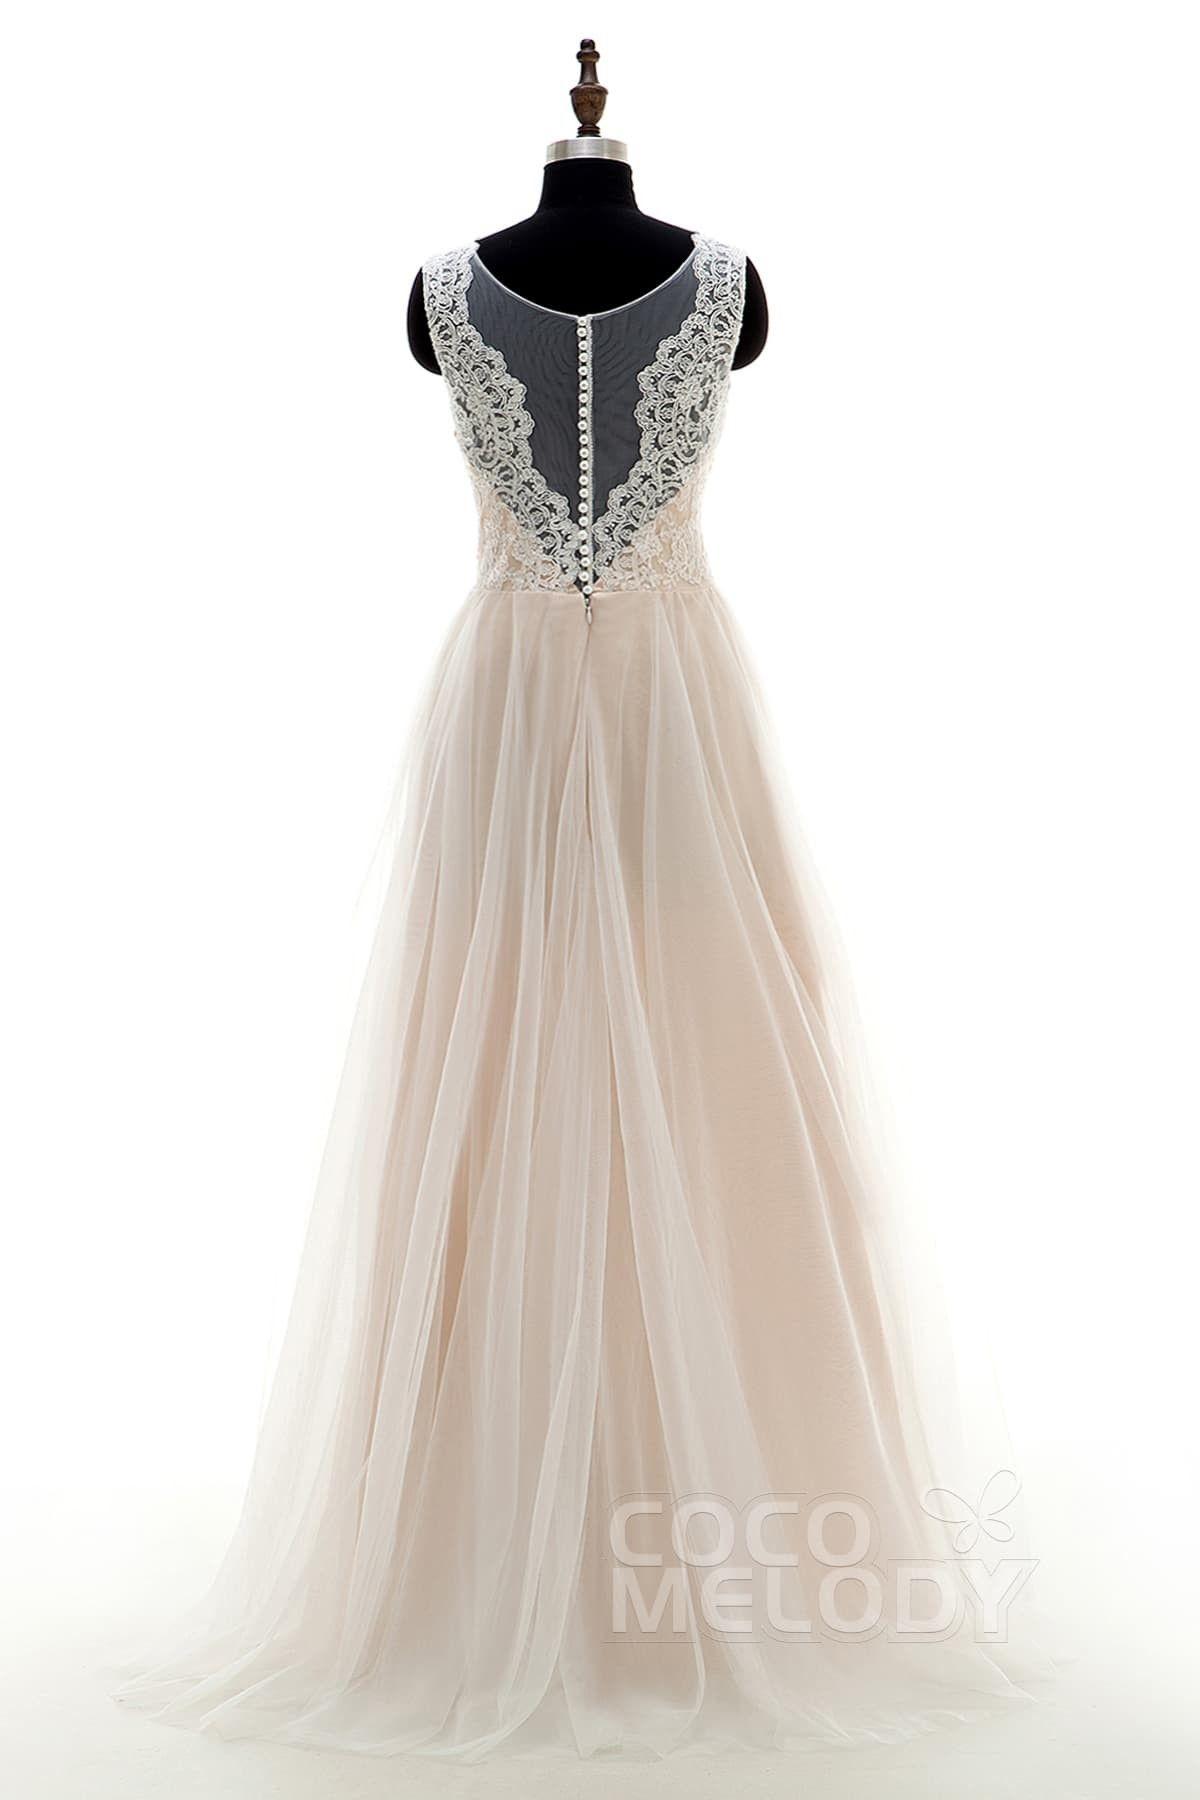 Dieses romantische lange Hochzeitskleid im Vintage Look verfügt über einen Ilusionskragen und einer Verzierung aus Spitze an Dekolletee & Rücken. LD3569